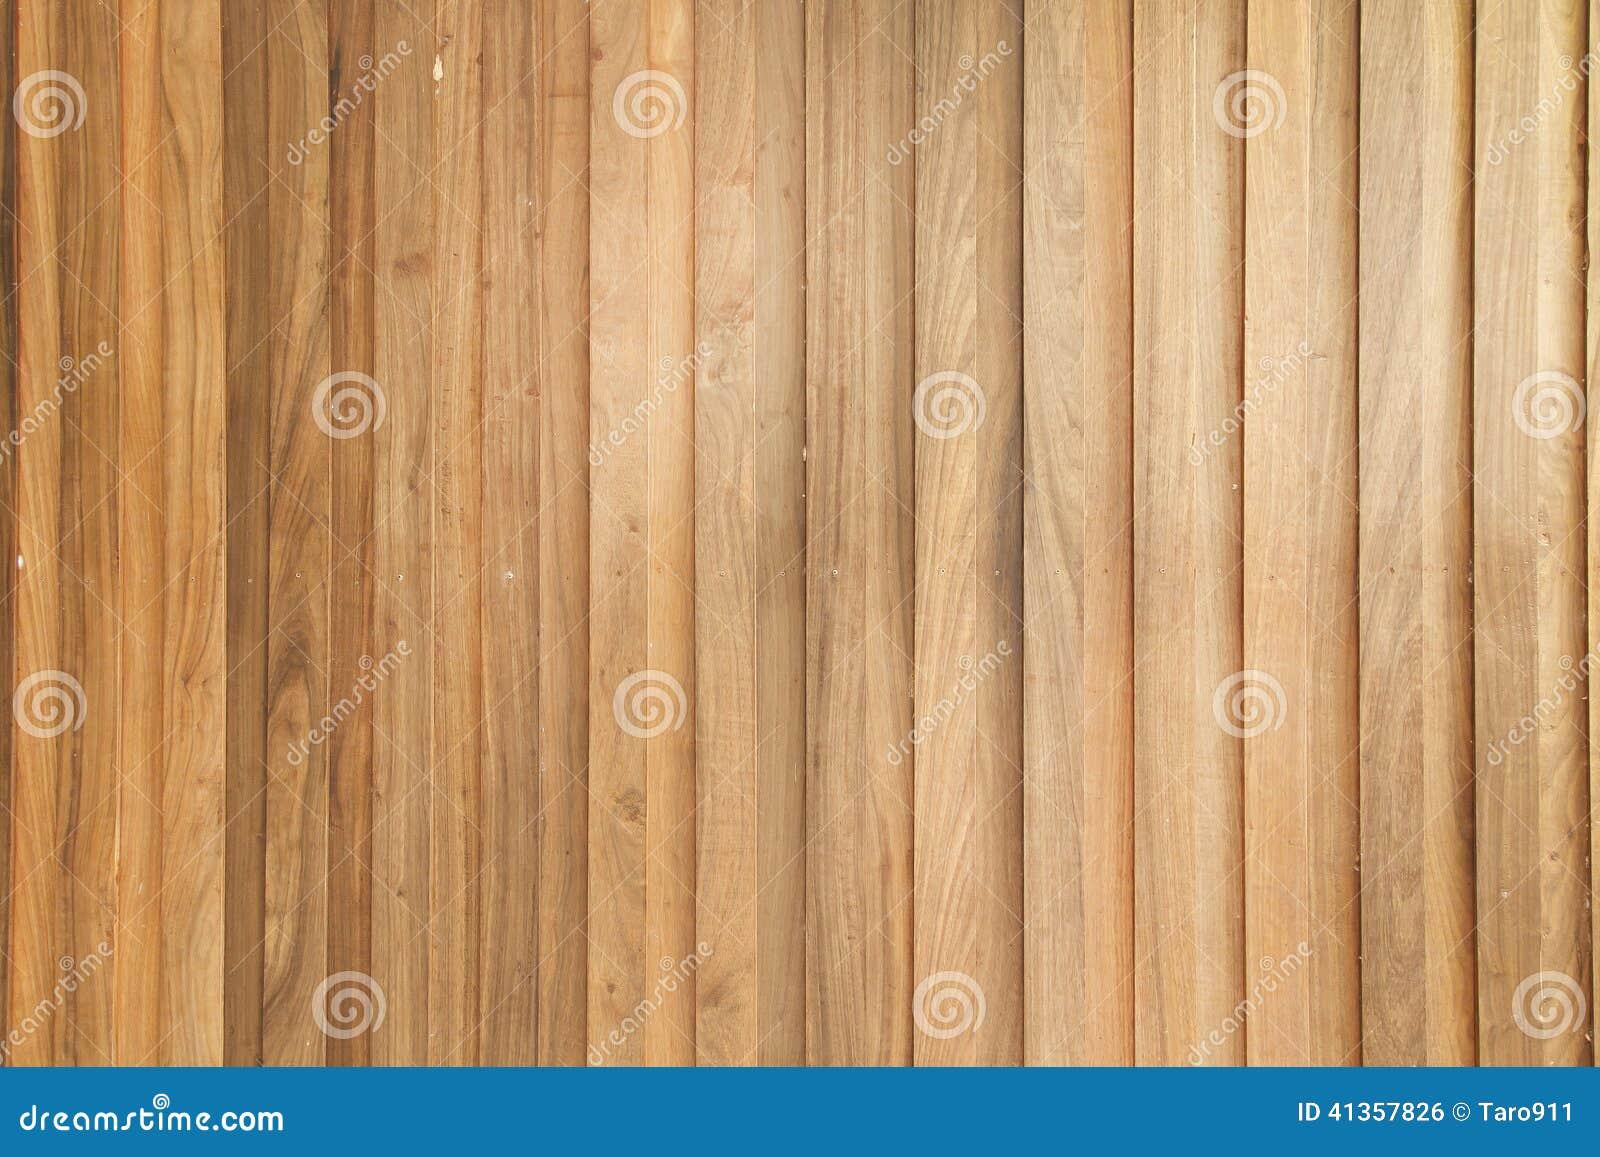 planche en bois de teck photo stock image 41357826